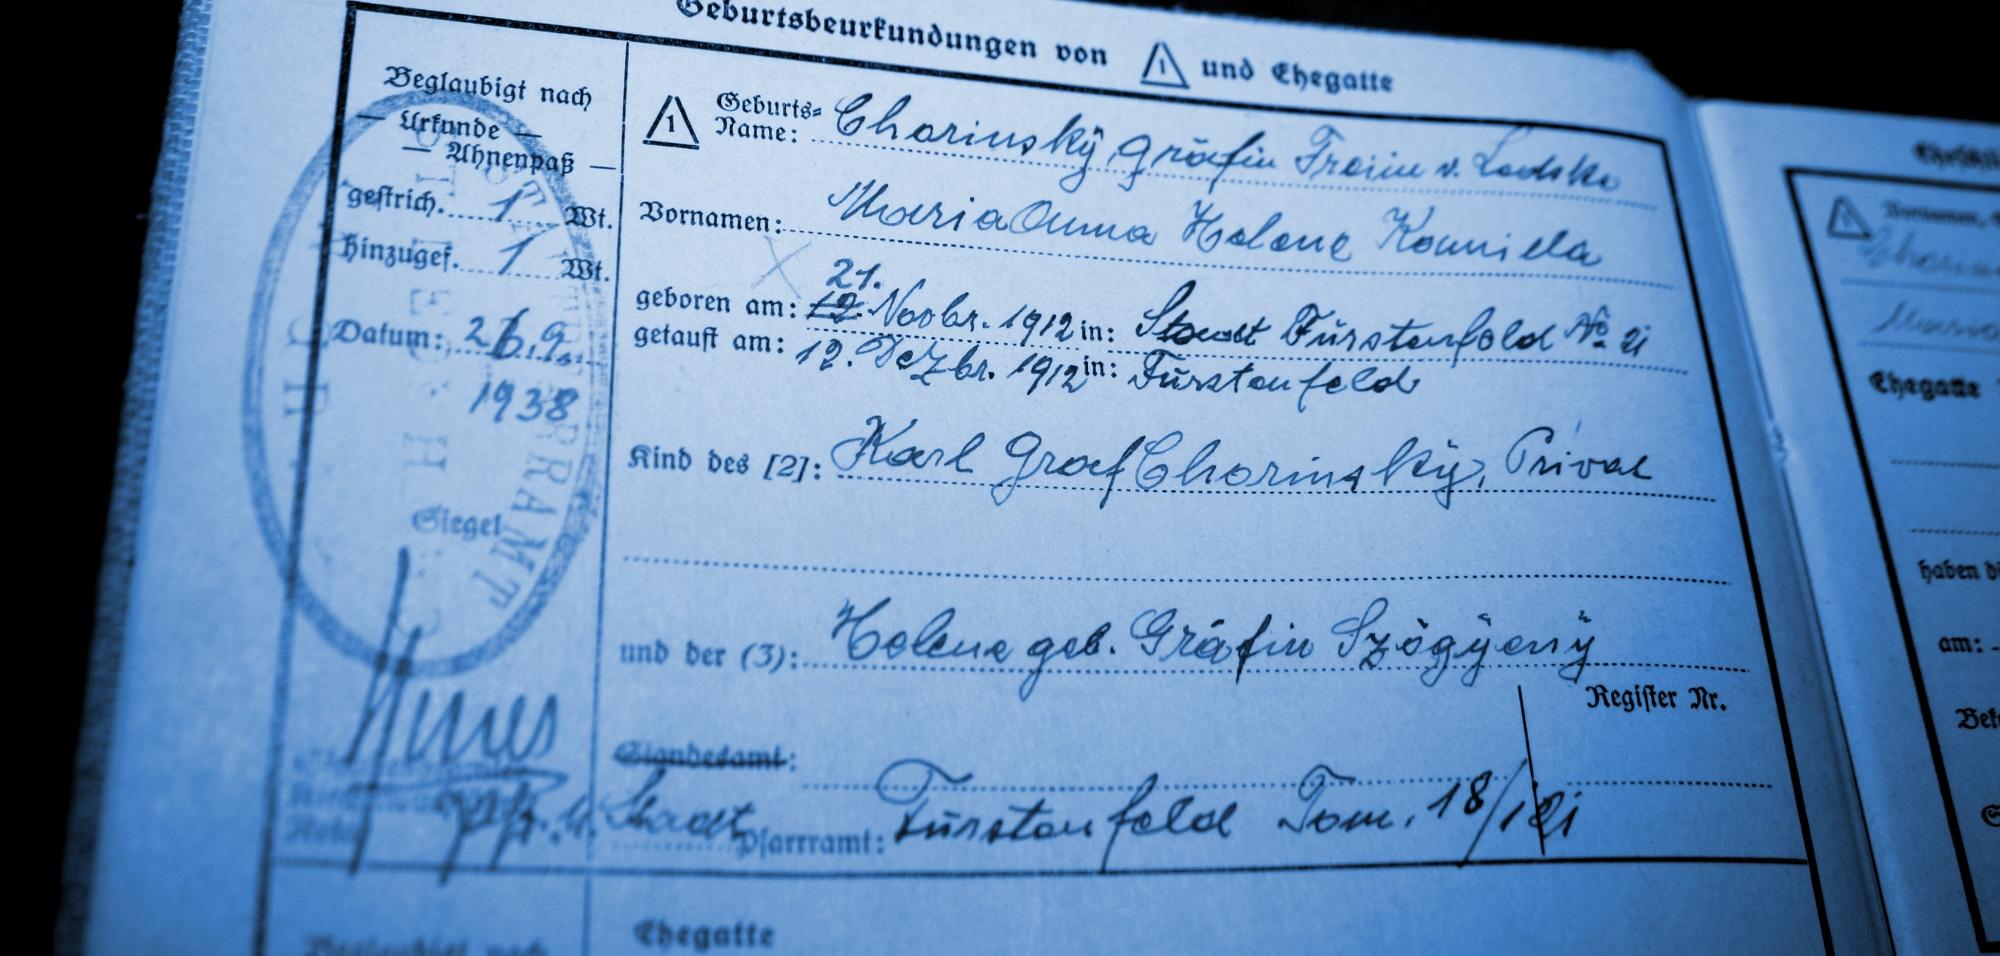 CHORINSKY VON LEDSKE GI - Wien, von Wrbna und Freudenthal, von Liechtenstein, von Ledske, von Fürstenberg, Ungarn, Trauttmansdorff-Weinsberg, Thurn und Taxis, Szögyeny-Marich, Stuhlweißenburg, Stuhlweiß, Steiermark, Slowakei, Schloss Veseli, Schemnitz, Sachsen, Rumänien, Roznnava, Rosenau, Regensburg, Pasztony, Obermeidling, Meidling, Marich, Maramuresch, Krey, Geramb, Fürstenfeld, Frauenbach, Esterhazy, Dulovitz, Dulovier, de Galantha, Chorinsky, Chemnitz, Budapest, Brünn, Berlin, Bayern, Baia Mare, Alservorstadt, Ahnenreihe, Adelsforschung